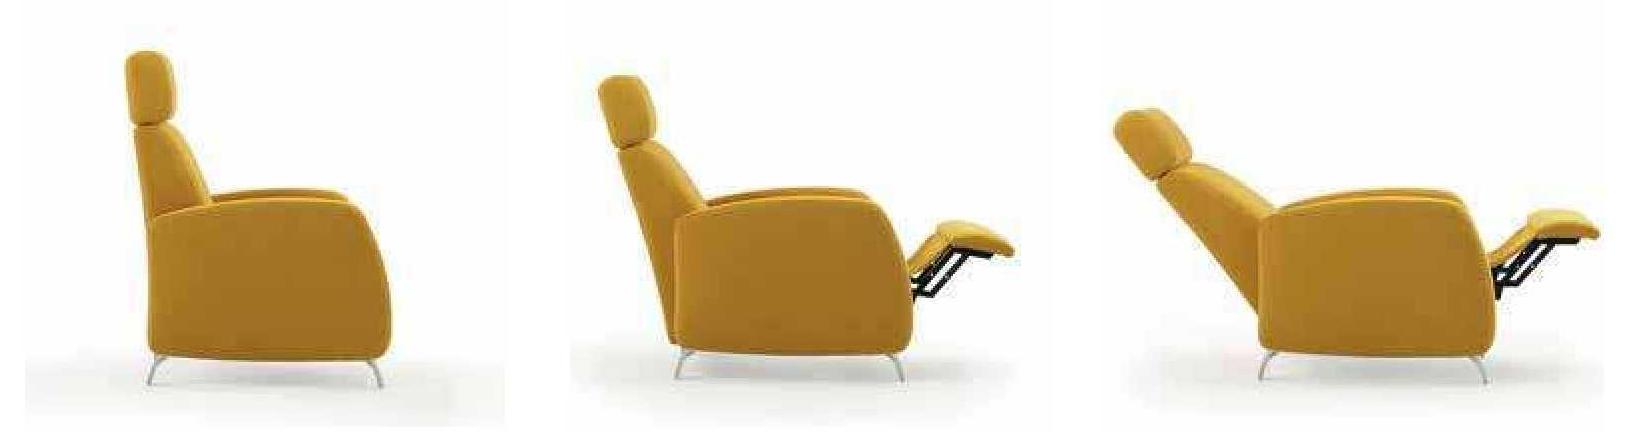 Compra sofá de Relax ondara